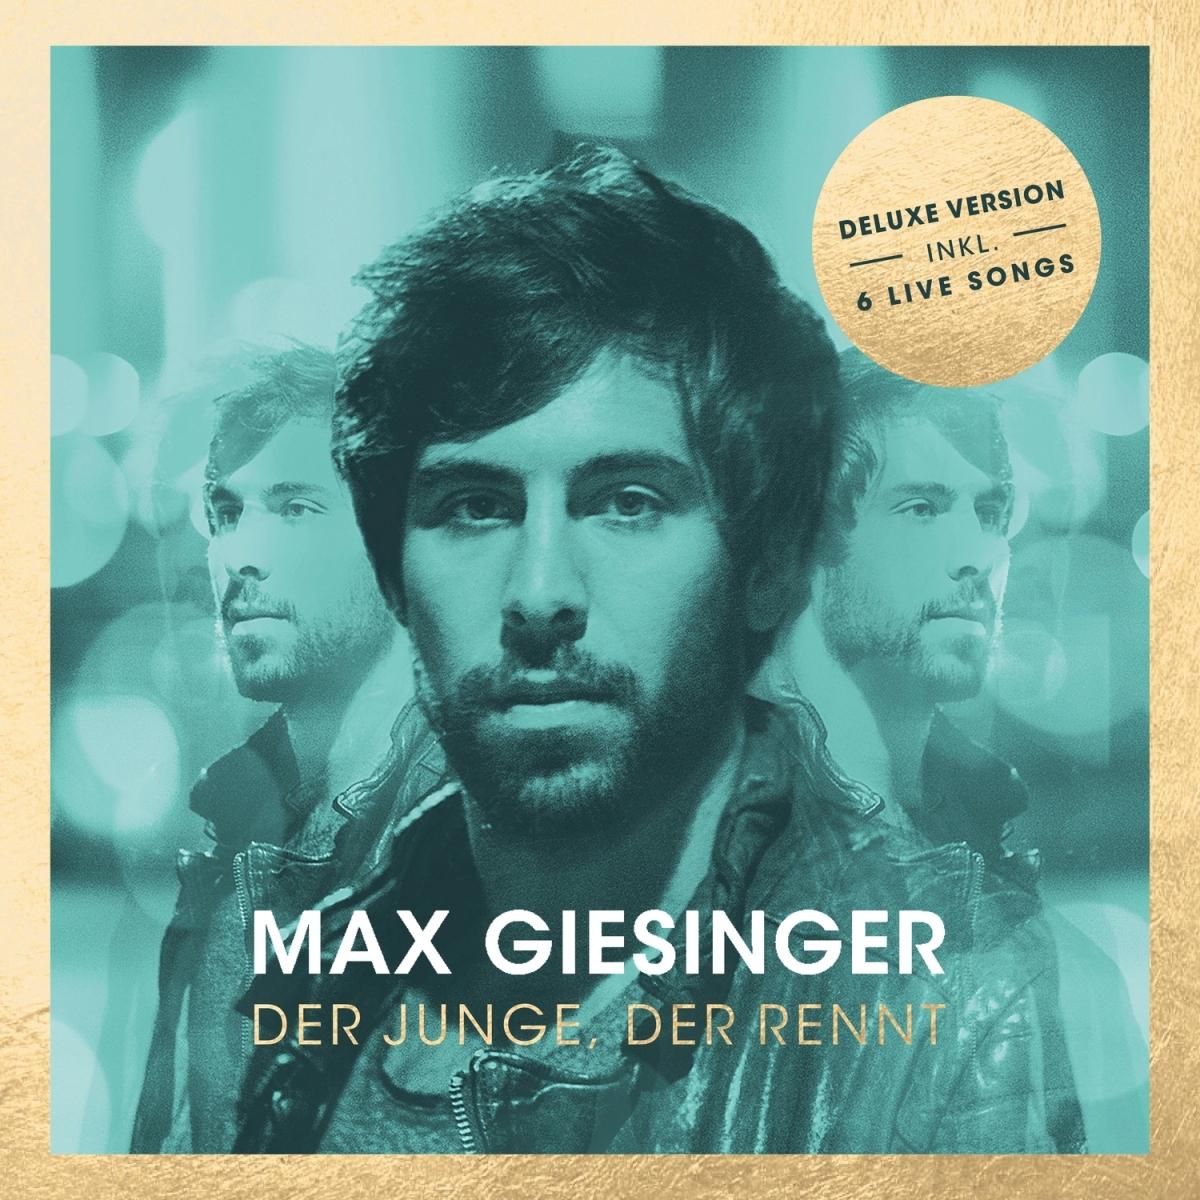 Der Junge,der Rennt - Max Giesinger - Musik - BMGR - 4050538316148 - August 11, 2017